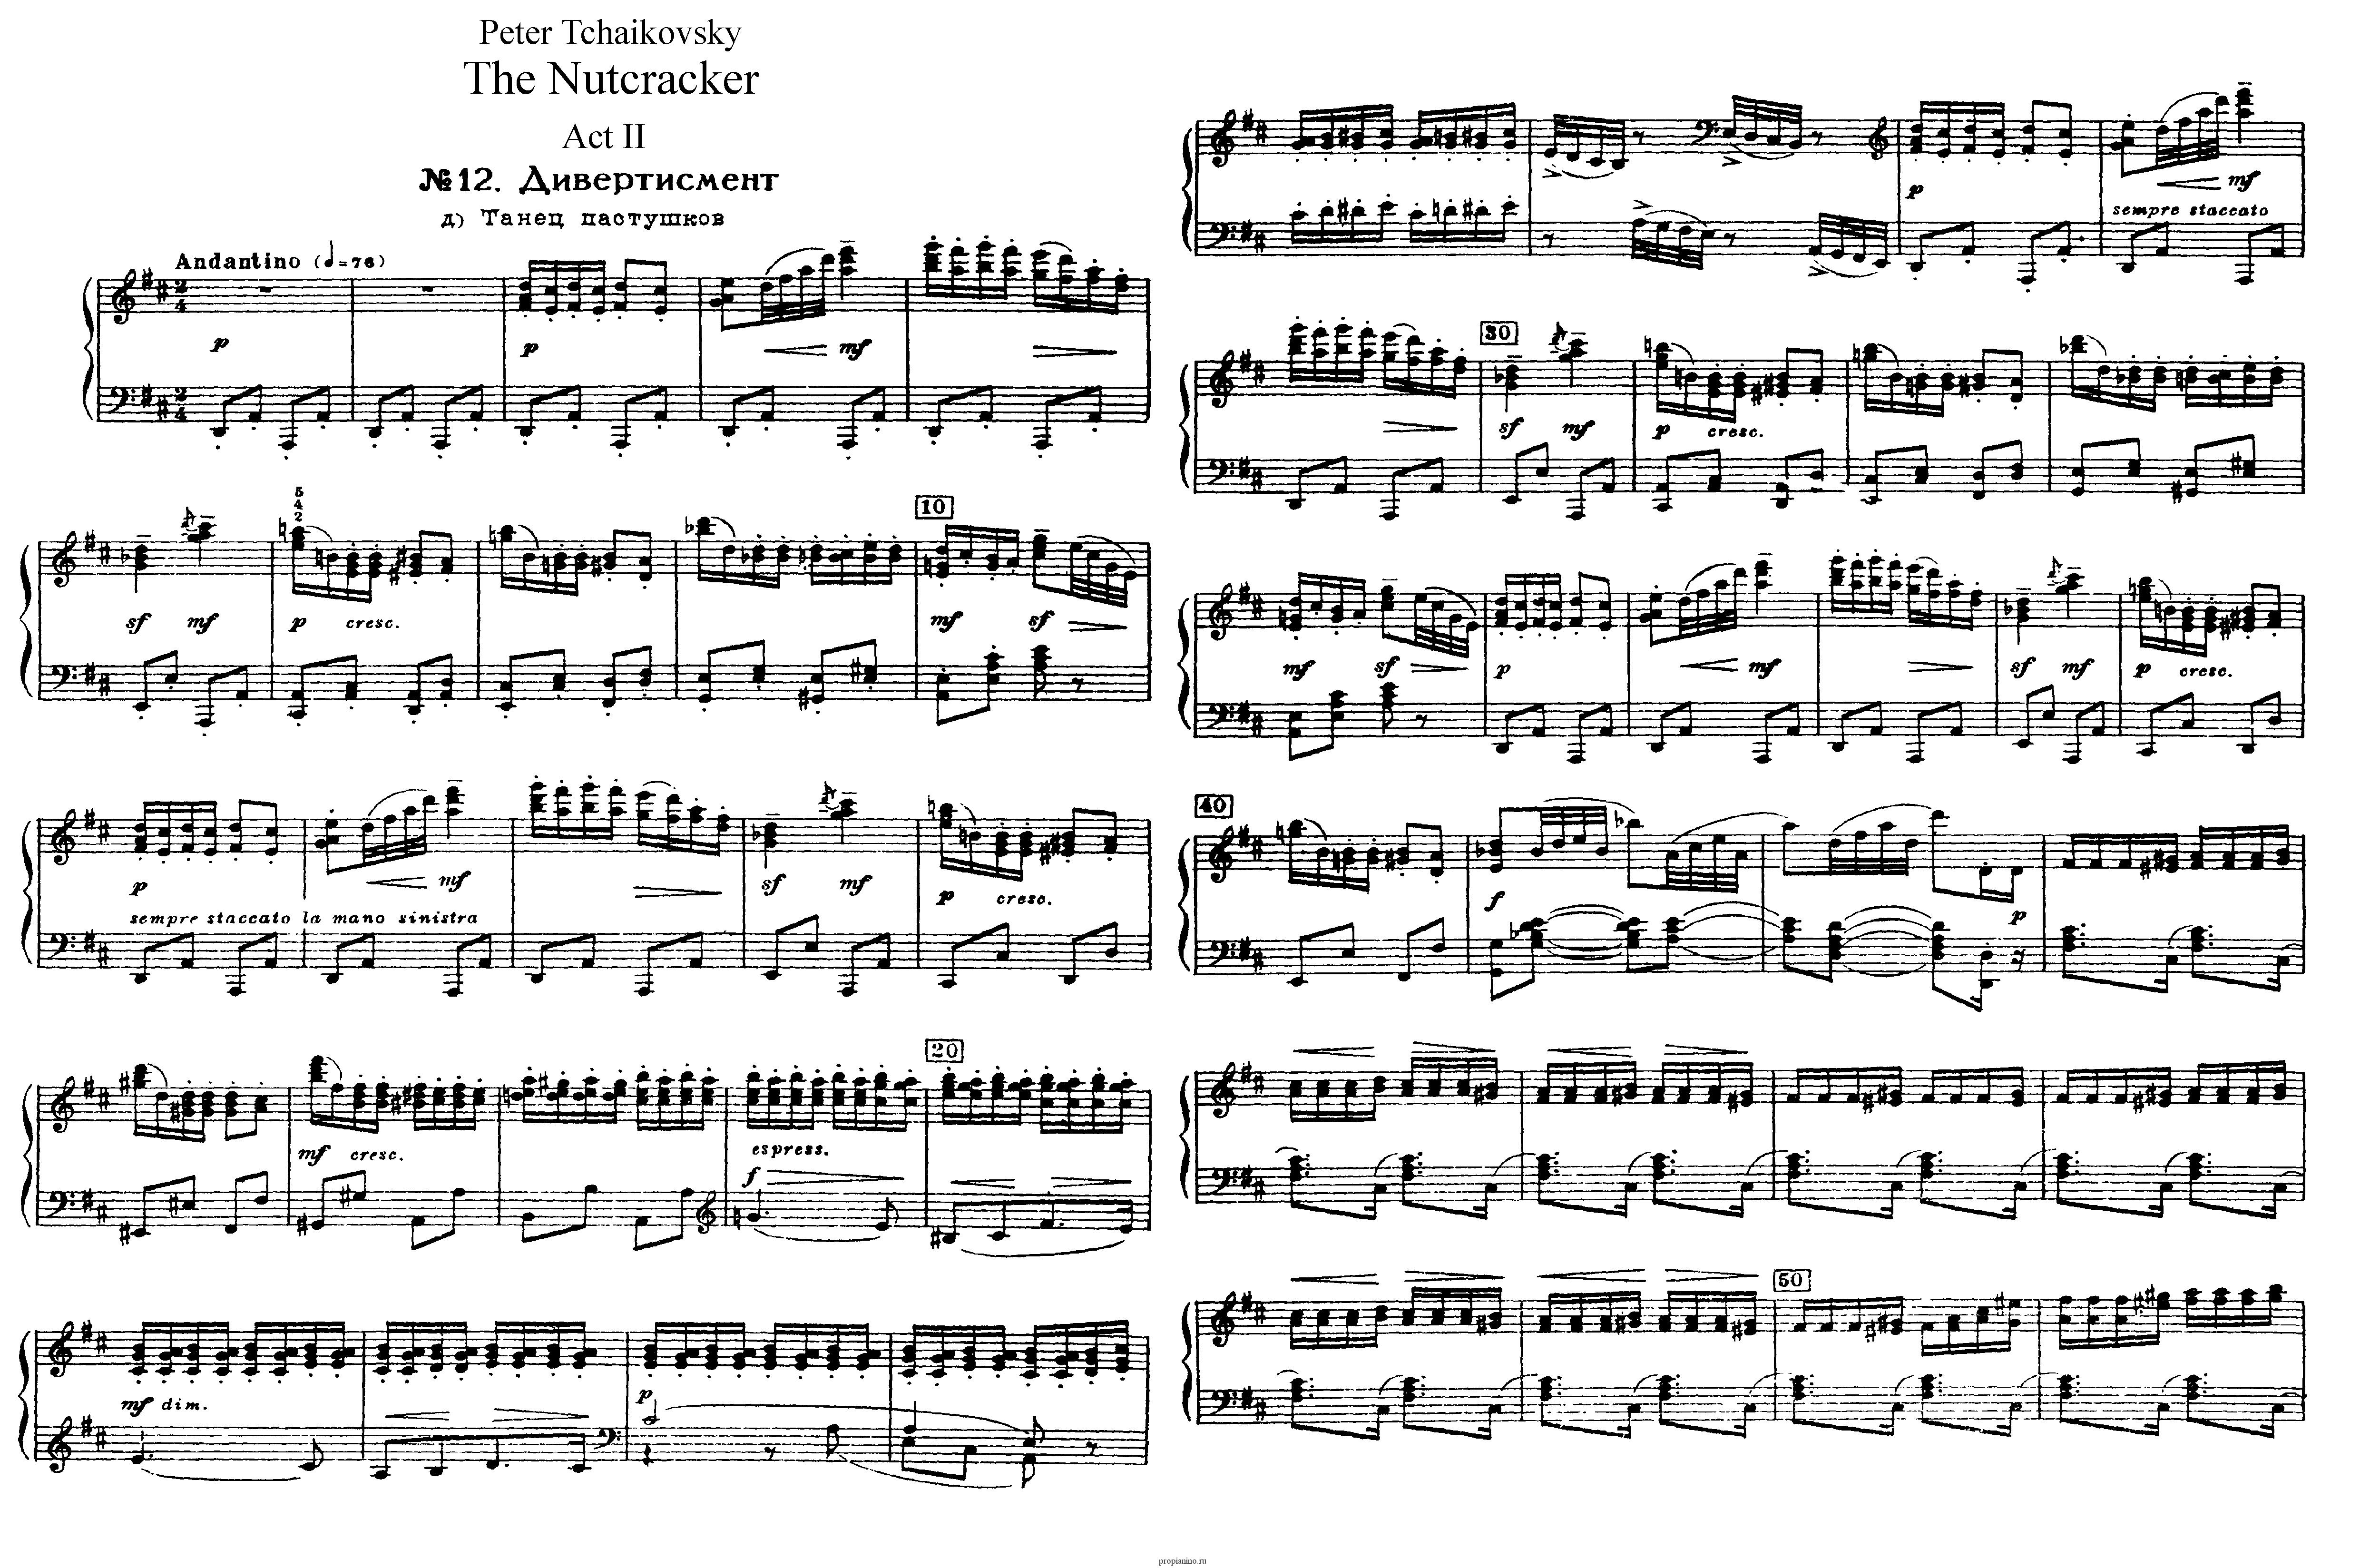 Чайковский щелкунчик музыку скачать